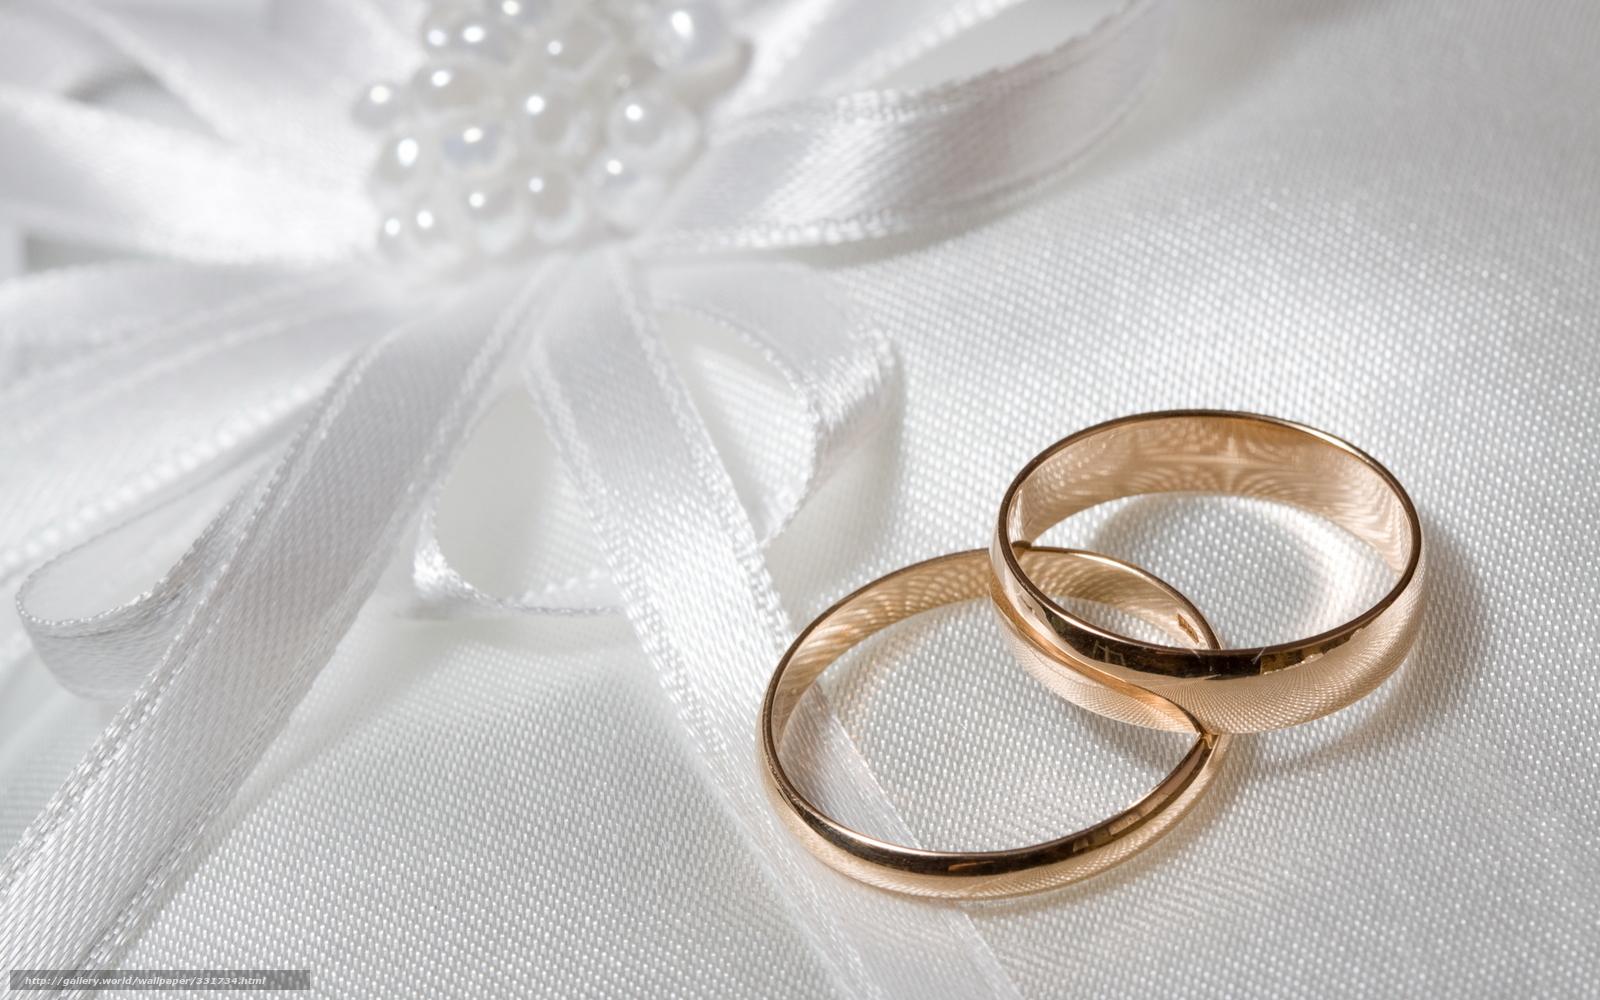 Tlcharger Fond decran arc, anneaux de mariage, mariage, blanc Fonds d ...